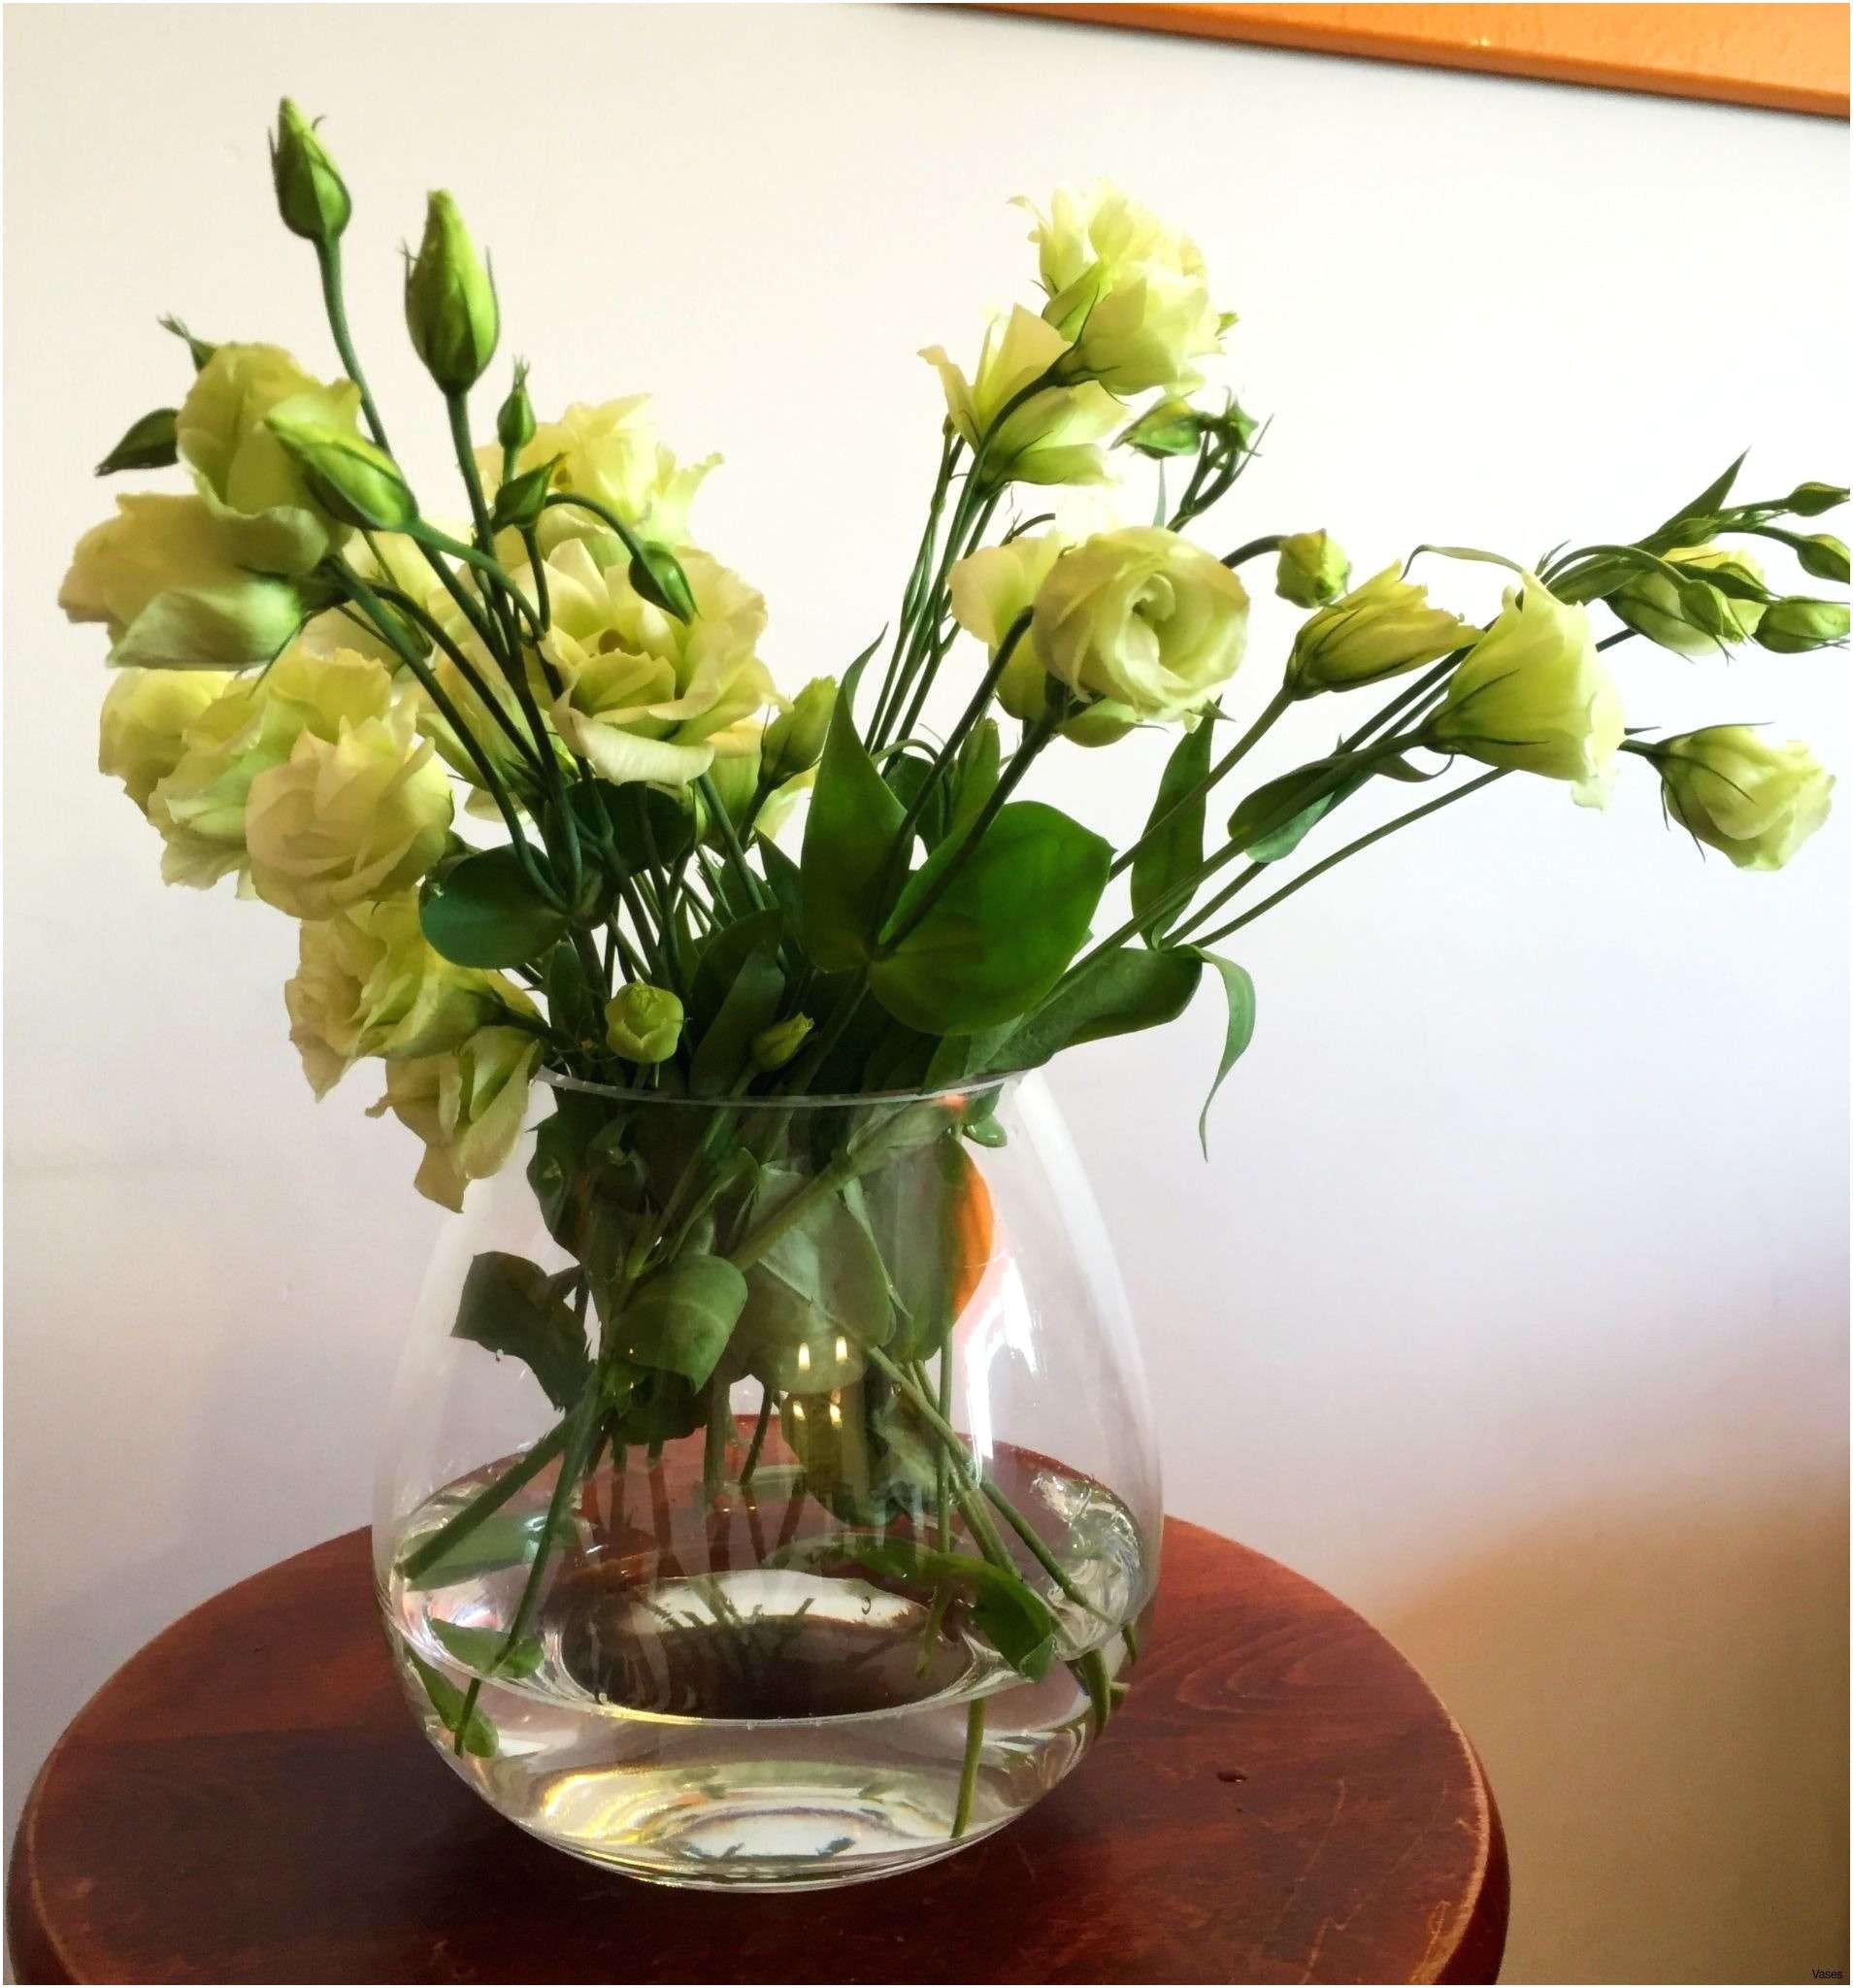 vintage etched glass vase of green glass vase stock h vases vintage bud clear assorted bottle inside green glass vase images tiger food phenomenal flower vase table 04h vases tablei 0d clipa